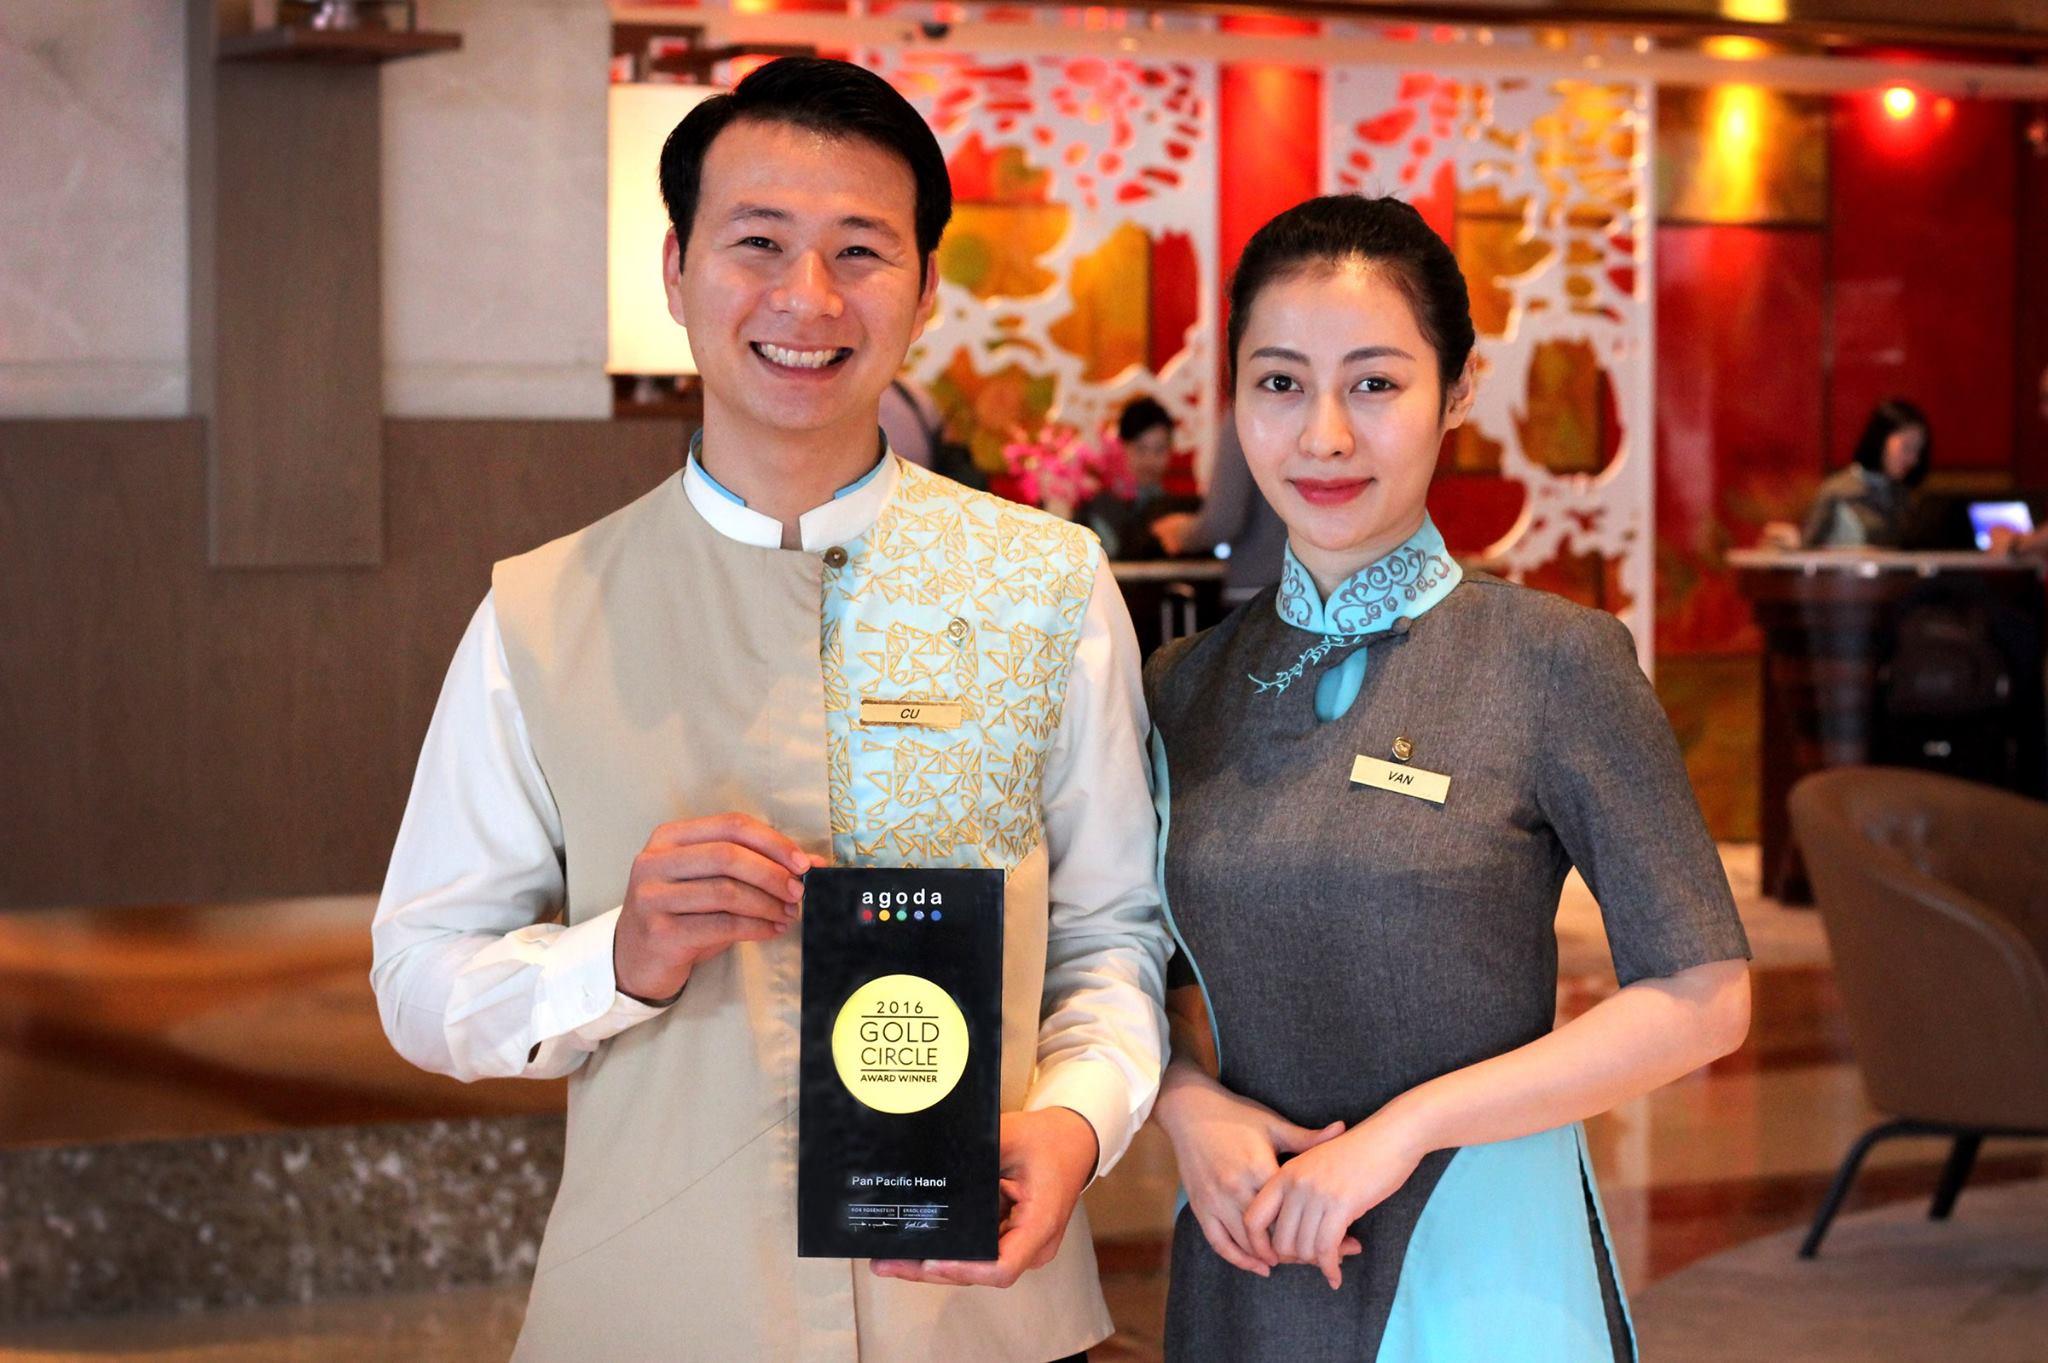 Đồng phục lễ tân màu xanh và ghi kiểu áo dài của khách sạn Pan Pacific Ha Noi